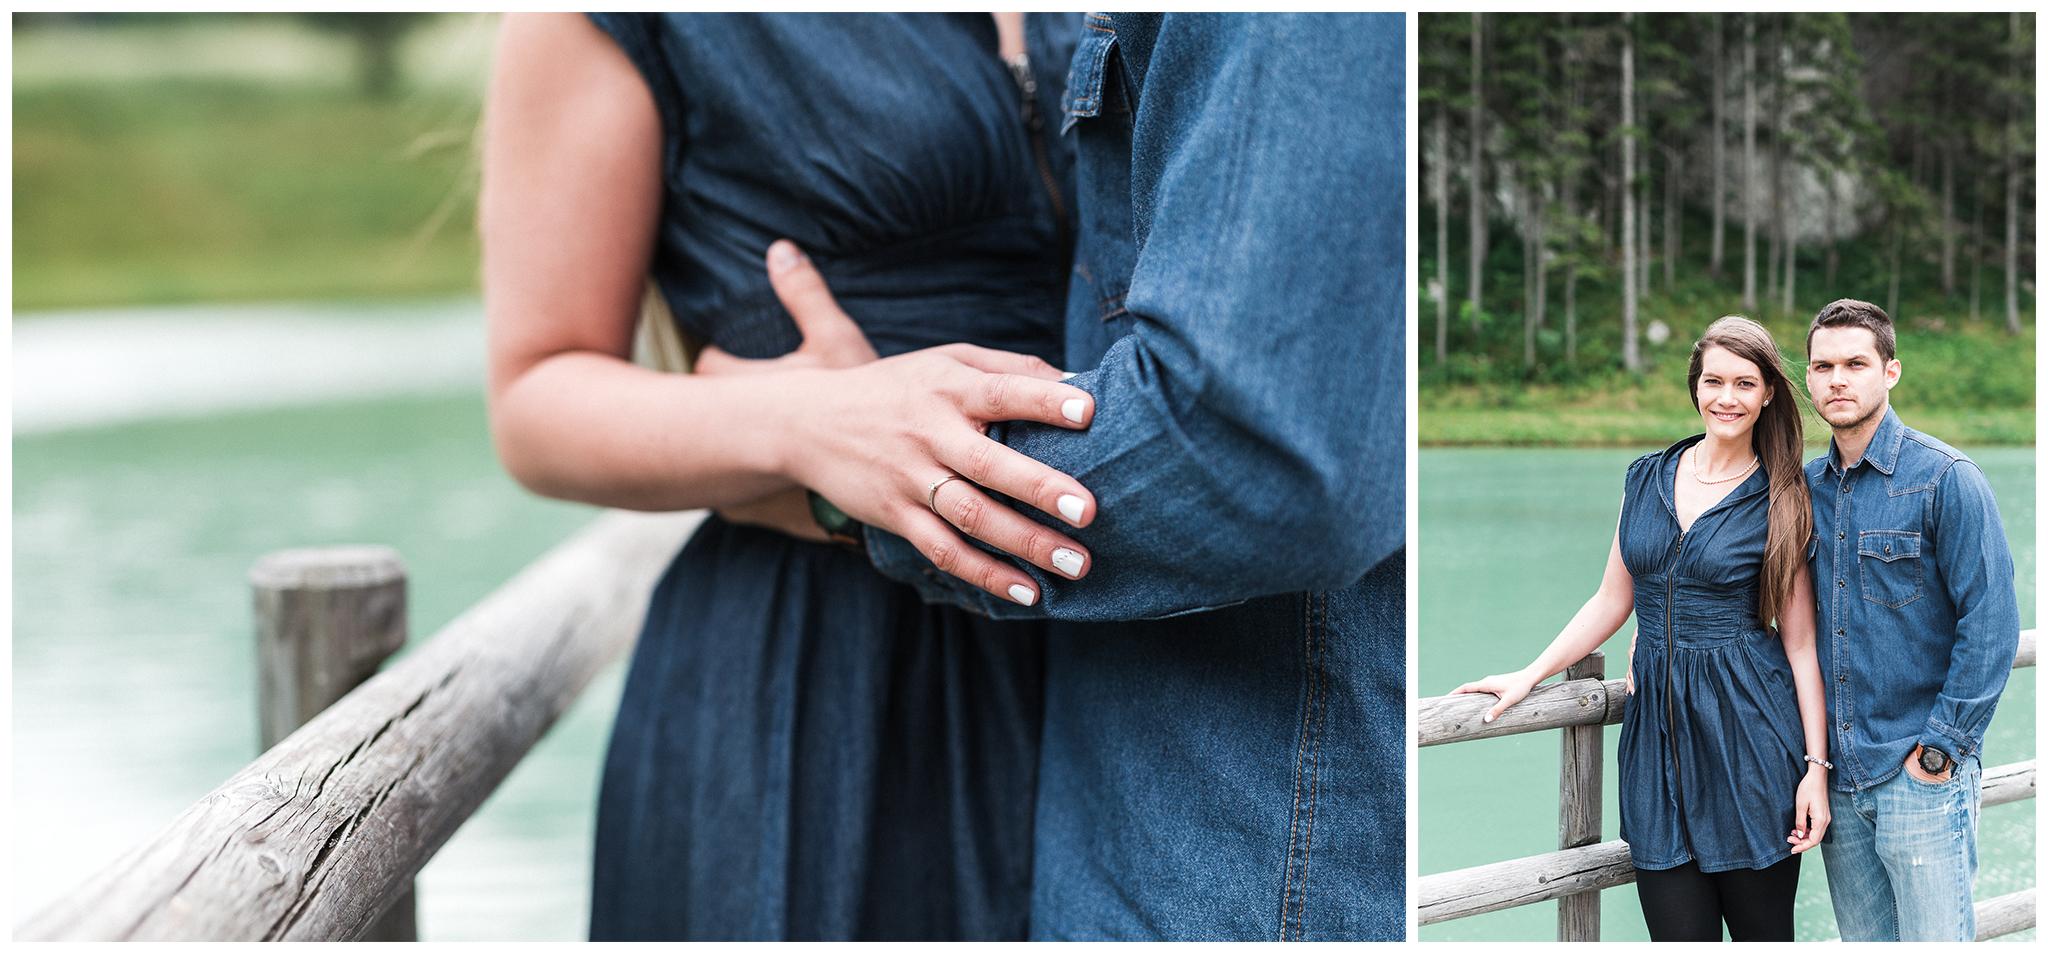 MONT_FylepPhoto, Esküvőfotós Vasmegye, Esküvő fotózás, Esküvői fotós, Körmend, Vas megye, Dunántúl, Budapest, Fülöp Péter, Jegyes fotózás, jegyes, kreatív, kreatívfotózás, Balaton, Ausztira_017.jpg